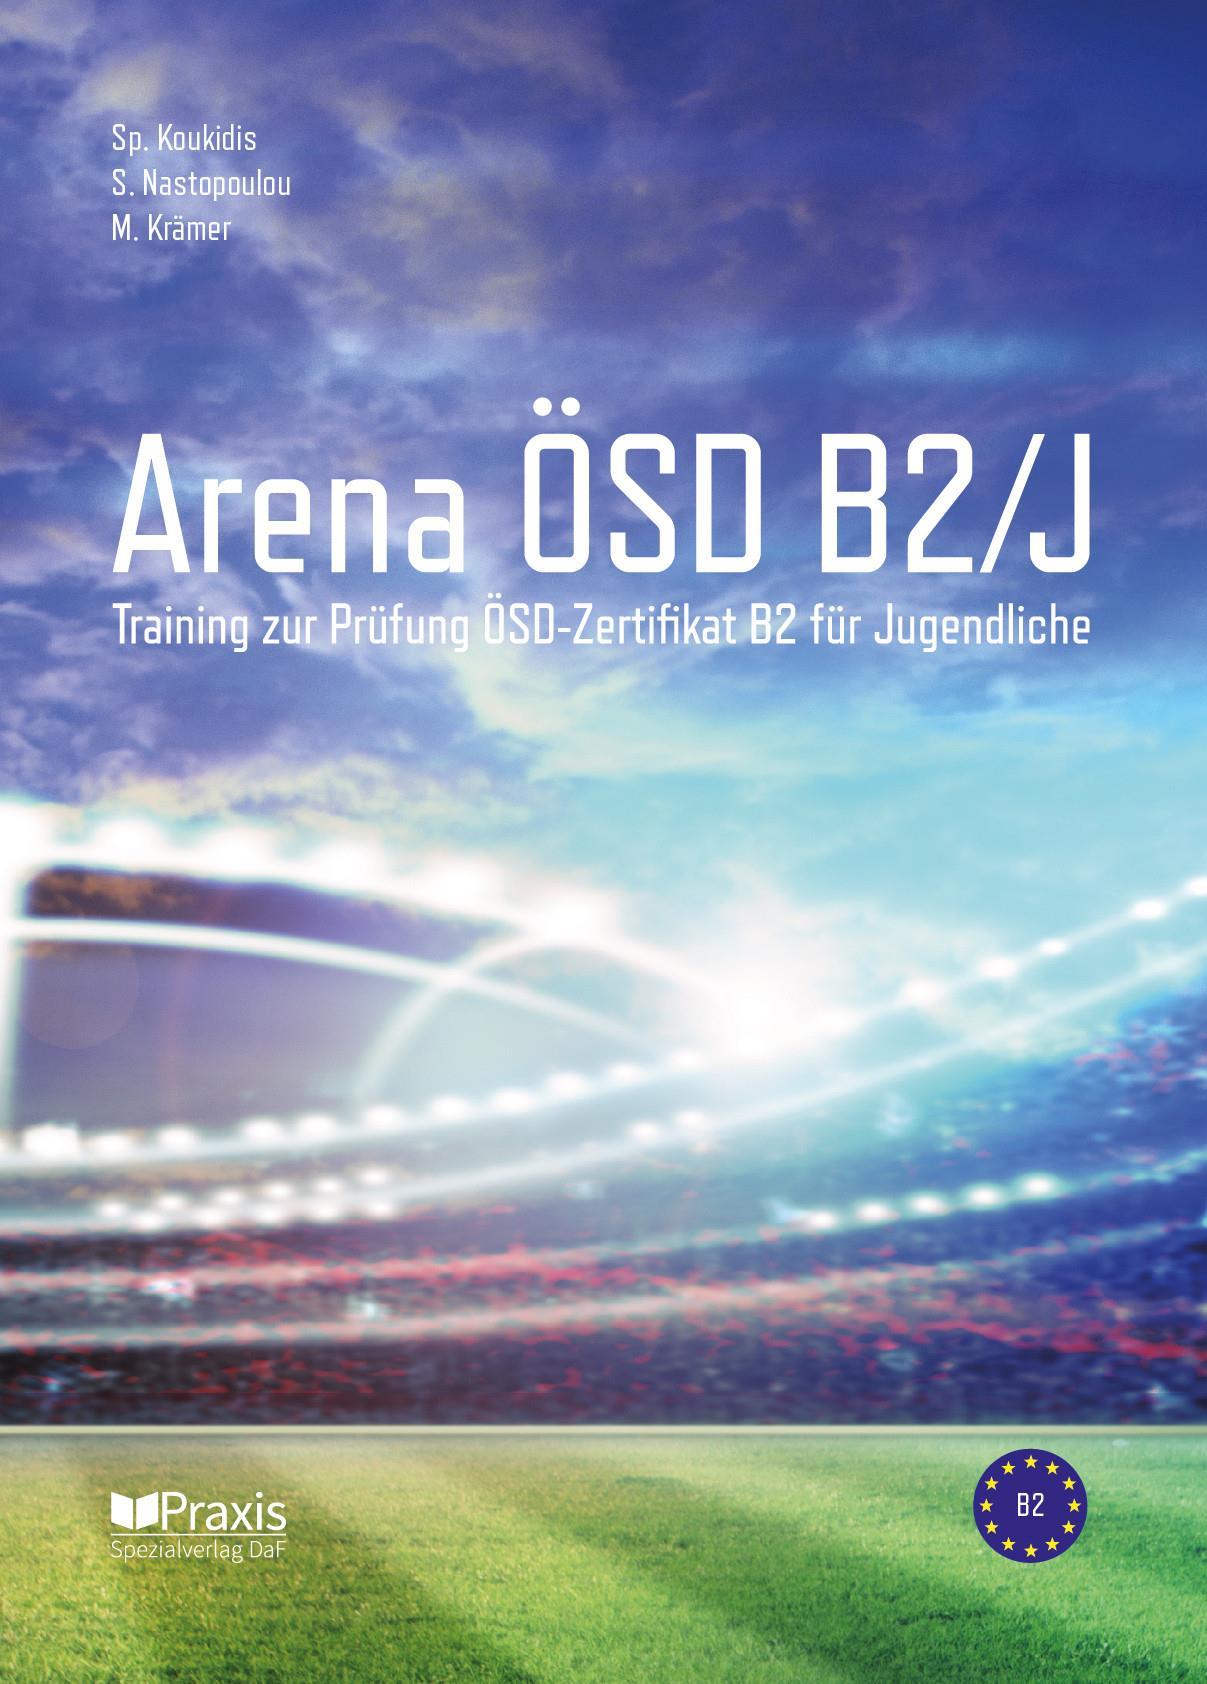 ARENA ÖSD B2 FUR JUGENDLICHE KURSBUCH